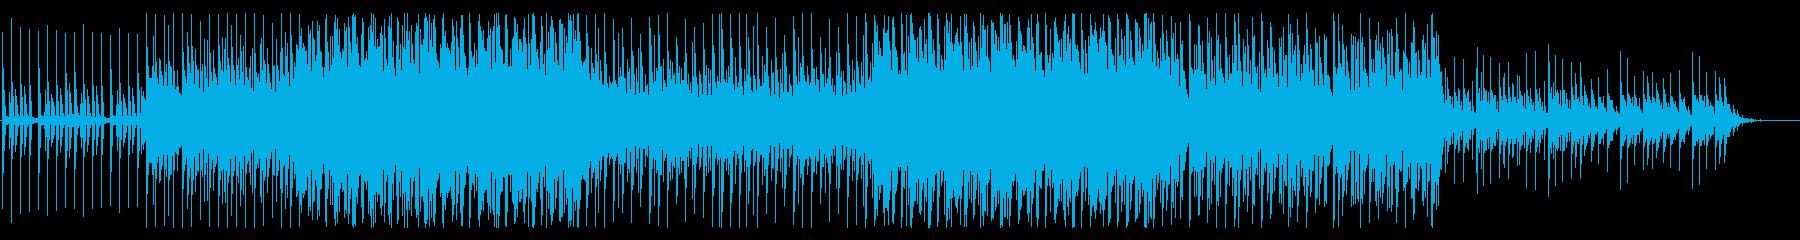 トロピカルハウス風味のBGM(ダブラッカの再生済みの波形